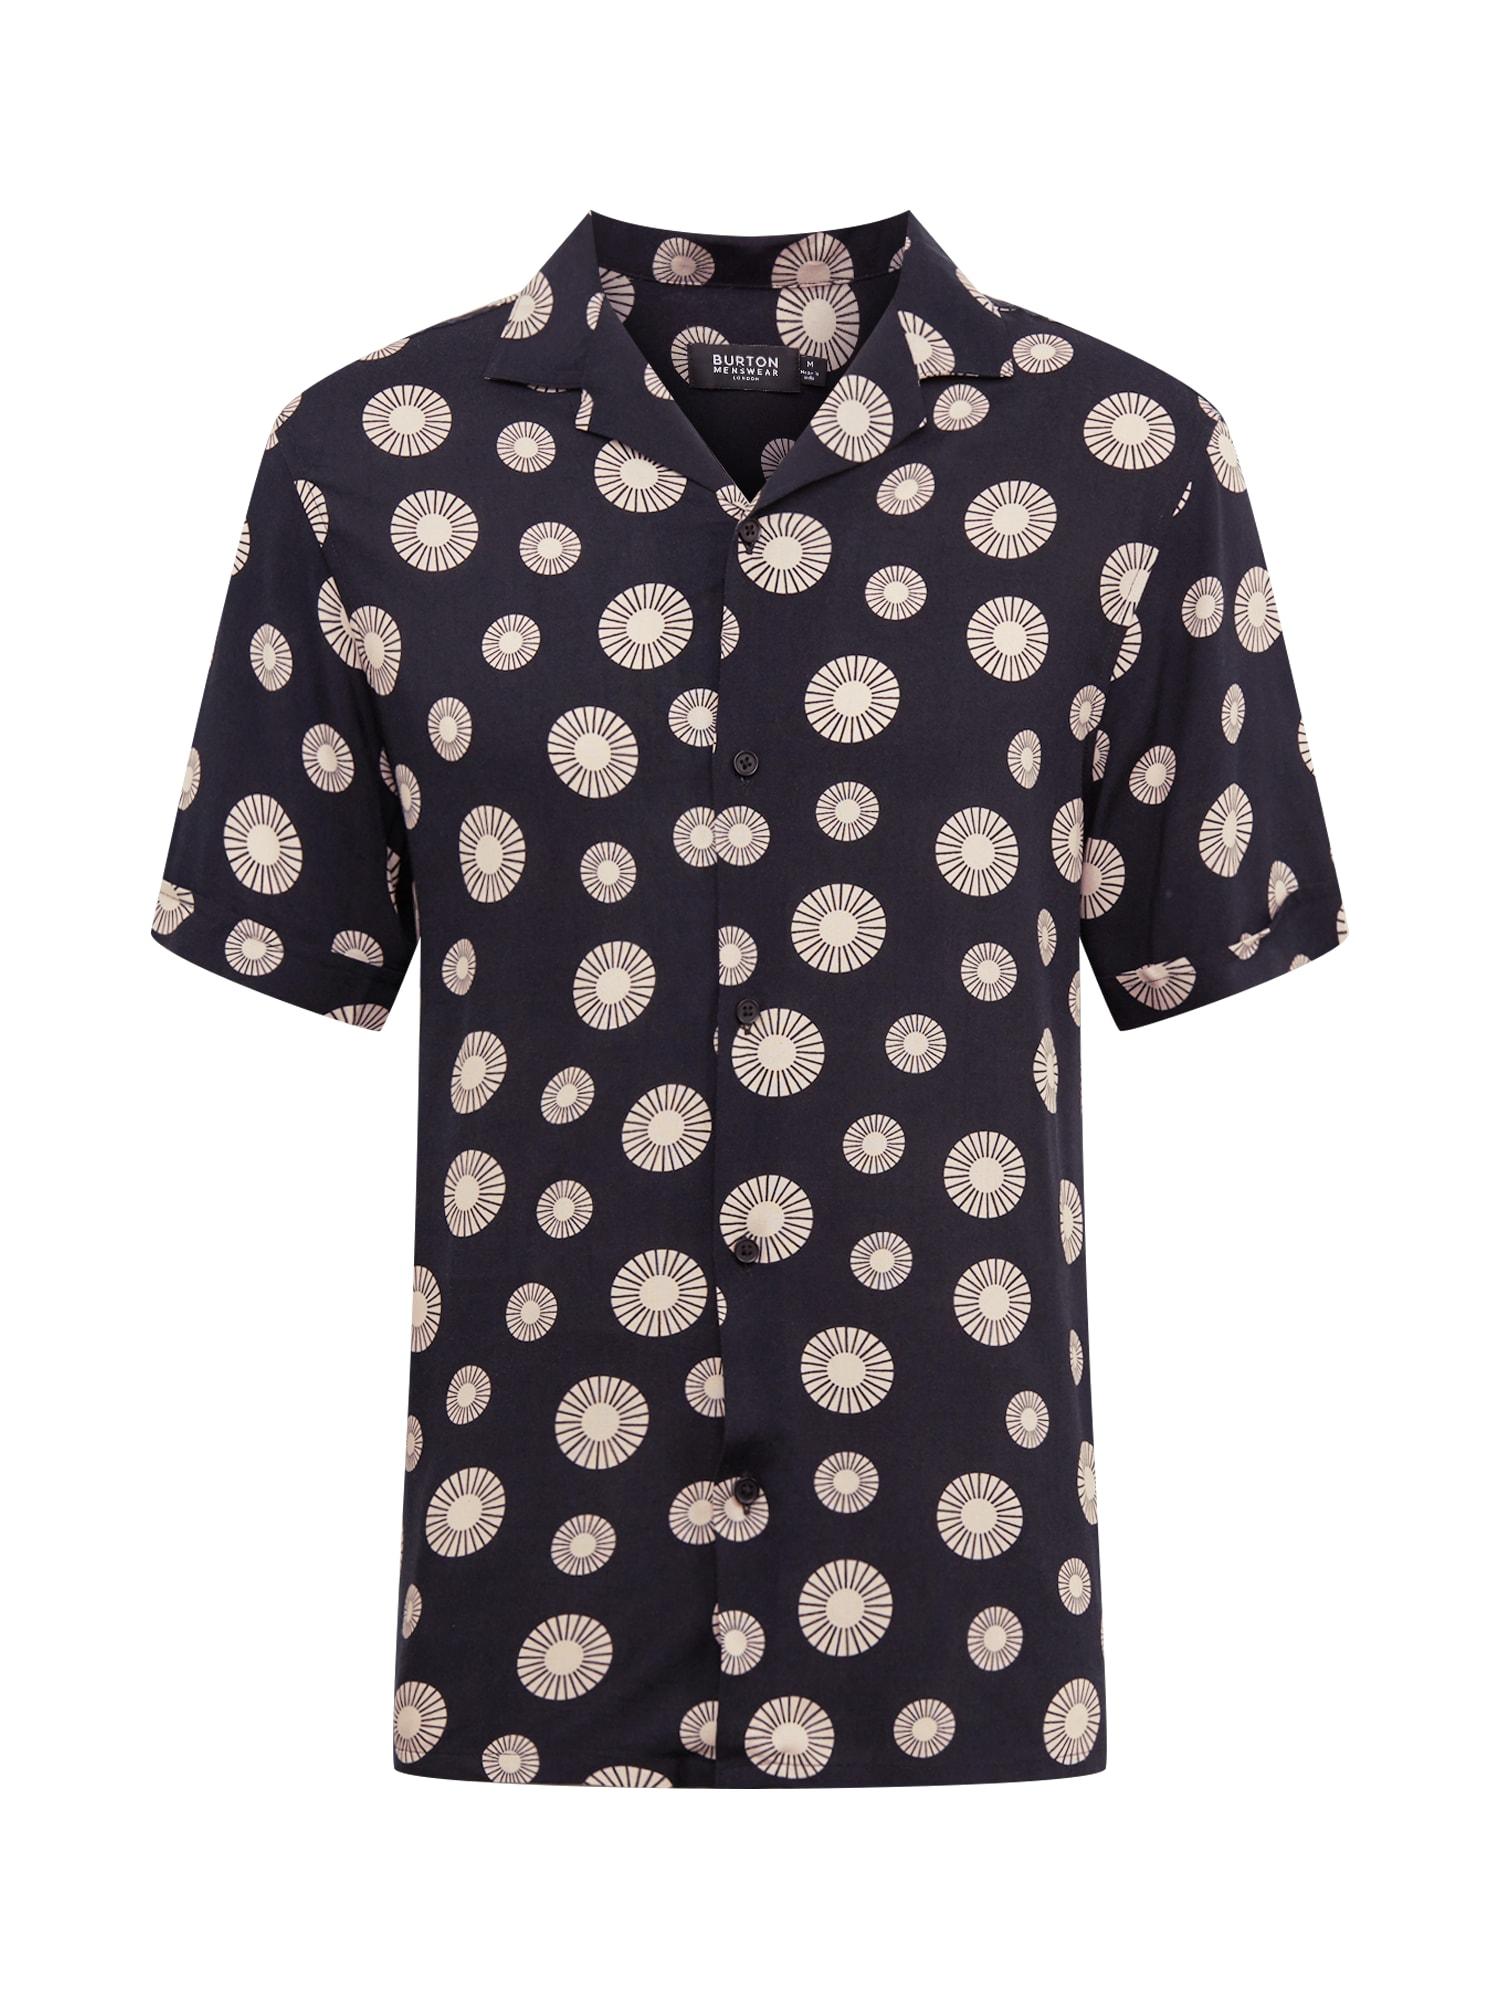 BURTON MENSWEAR LONDON Košeľa 'Sun Tile'  čierna / žlté